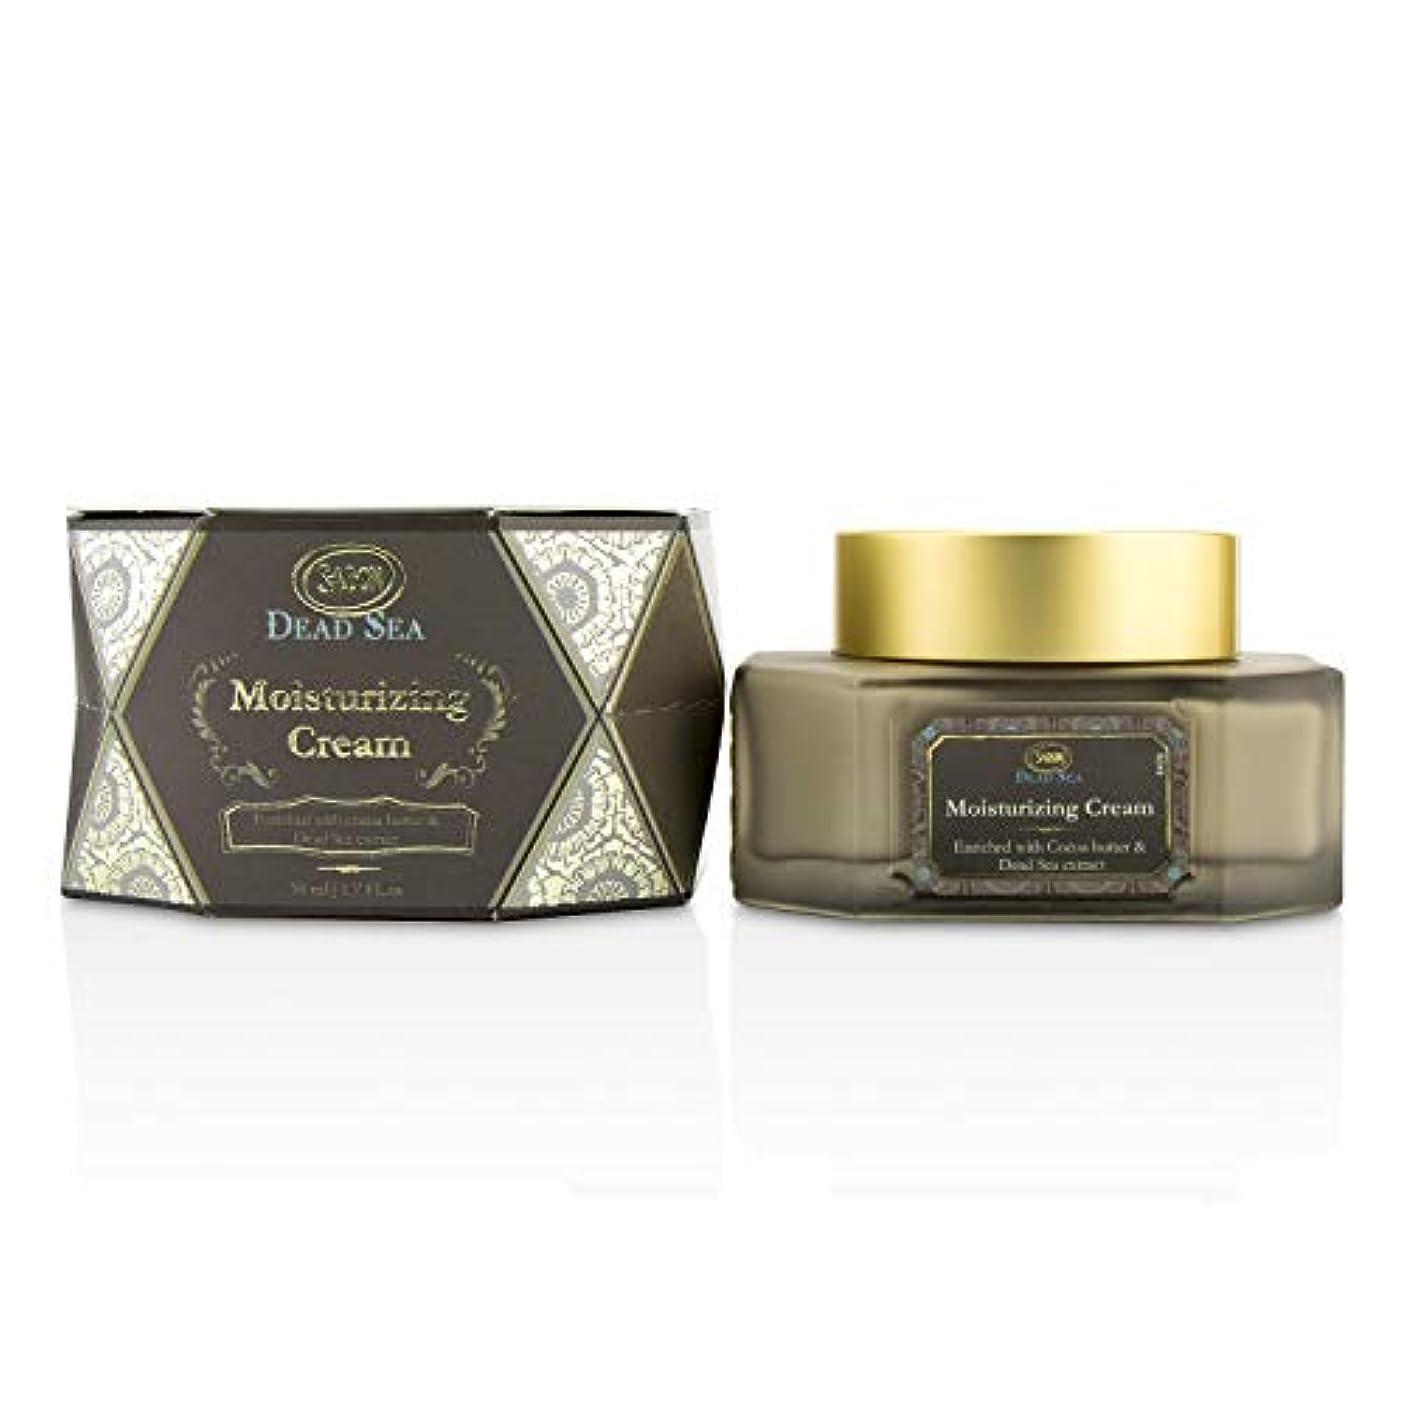 から爬虫類割り込みサボン Dead Sea Moisturizing Cream 50ml/1.7oz並行輸入品